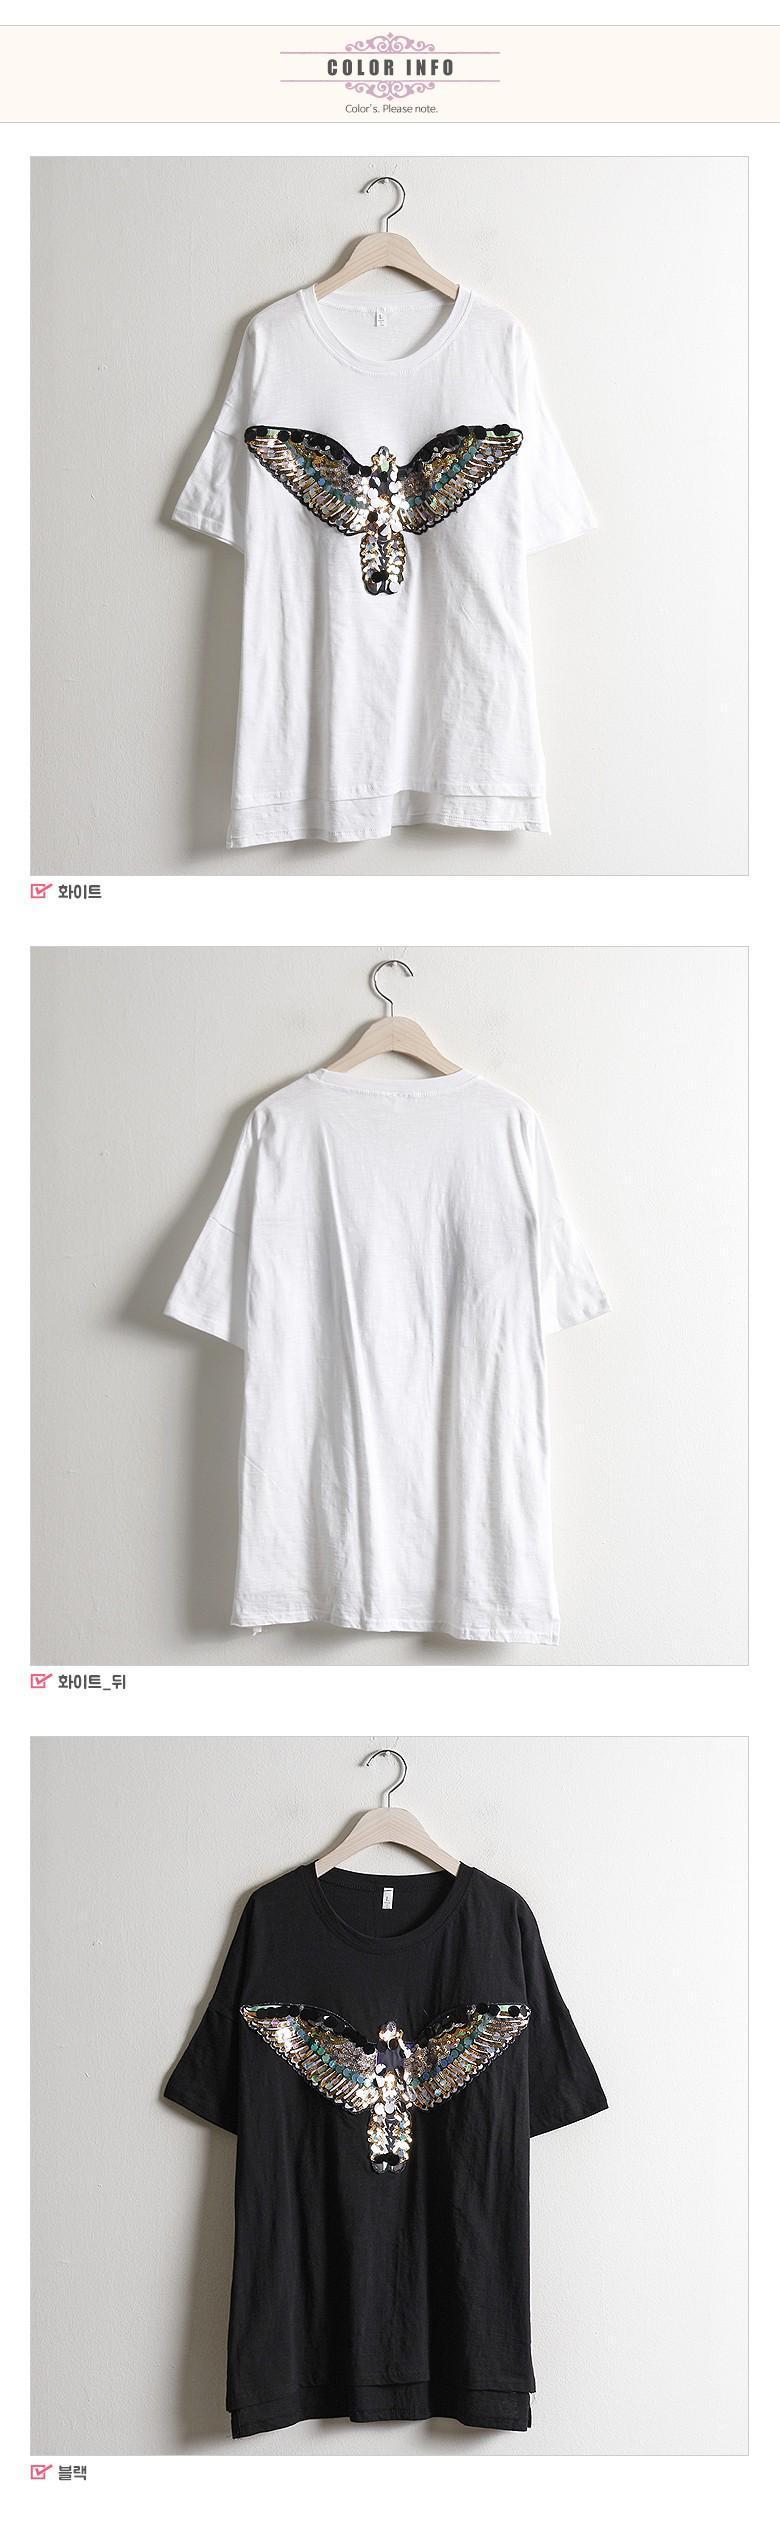 이글언발티 MN1805 티셔츠 여성티셔츠 여자티셔츠 여성용티셔츠 캐주얼티셔츠 여성캐주얼티셔츠 여성패션티셔츠 패션티셔츠 라운드넥티셔츠 반팔티셔츠